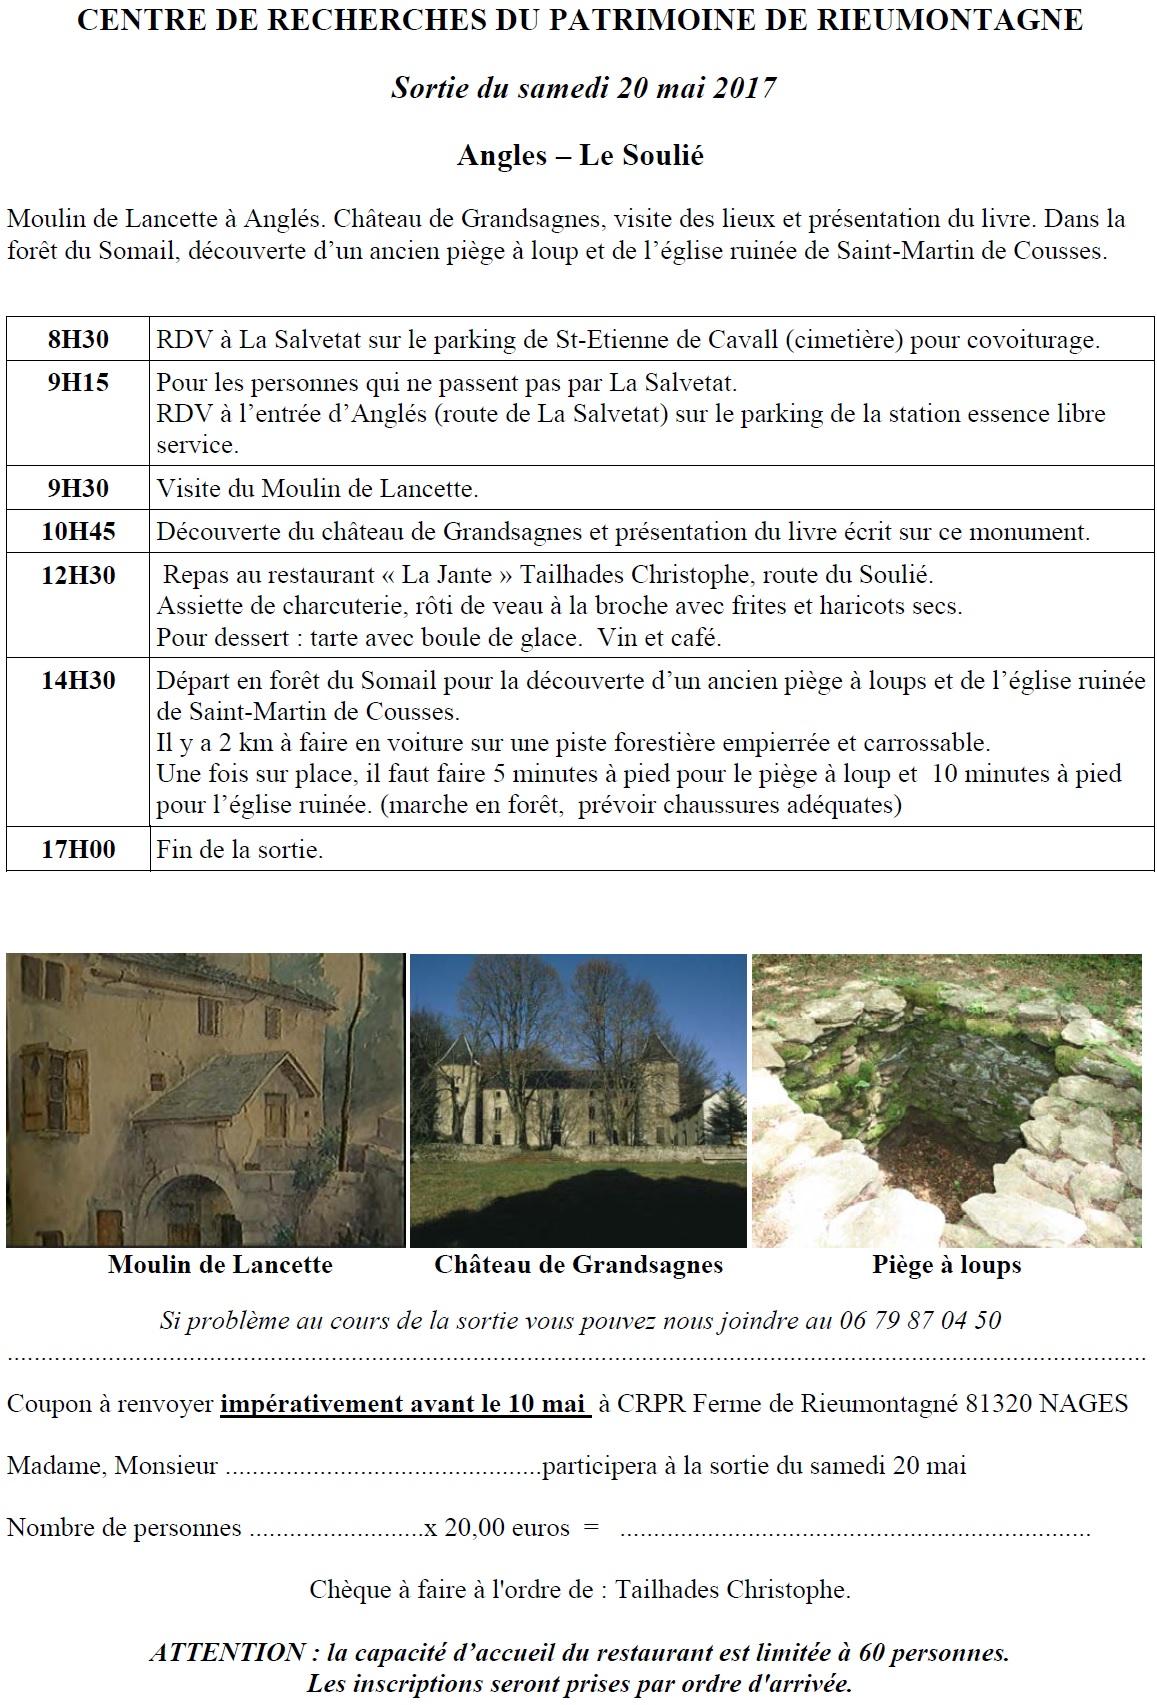 20 mai 2017 – Anglès – le château de grandsagnes, le moulin de Lancette, Saint-martin des Cousses